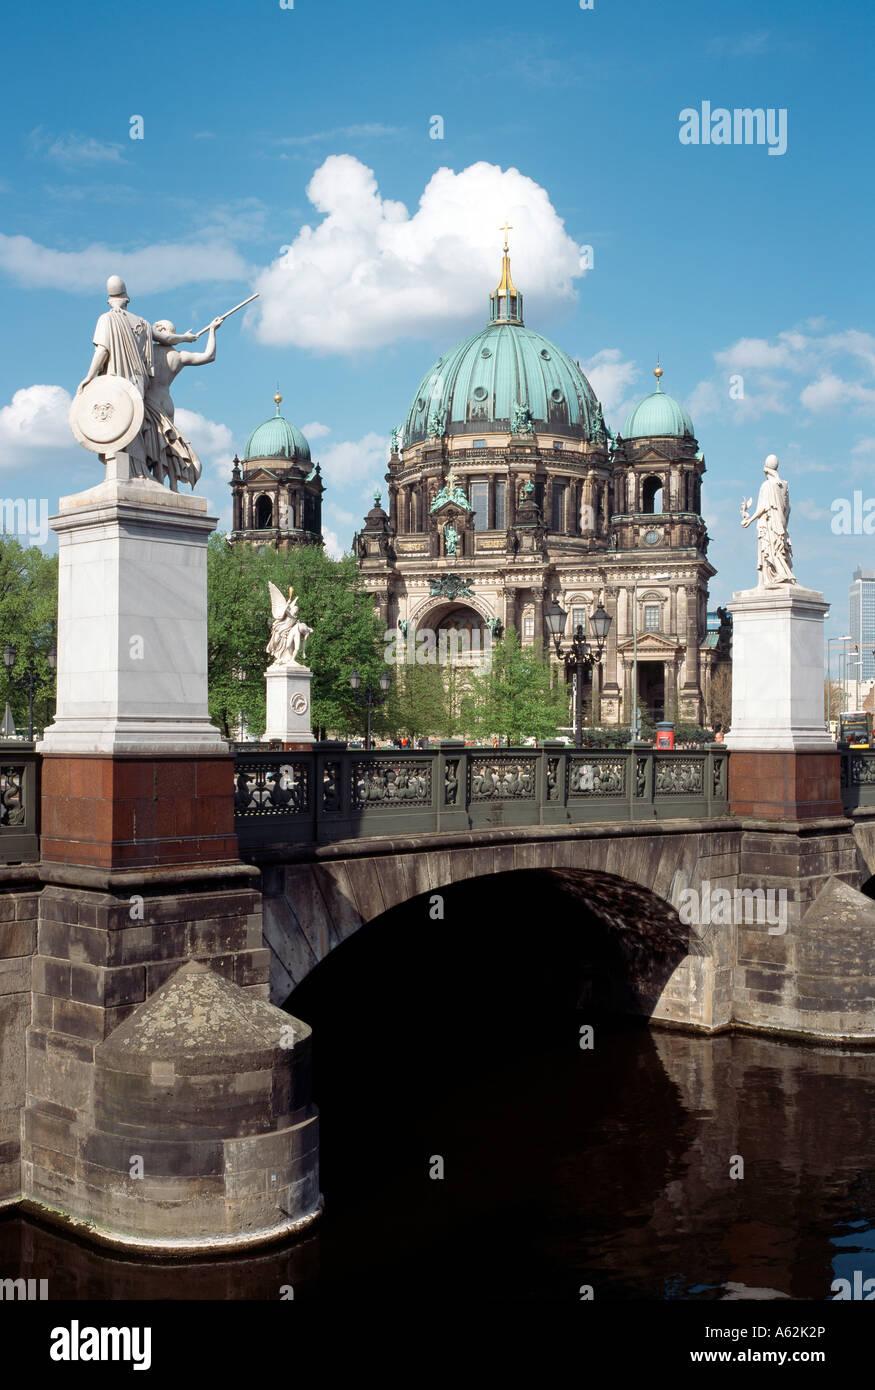 Berlin, Dom, Blick von der Schloßbrücke - Stock Image